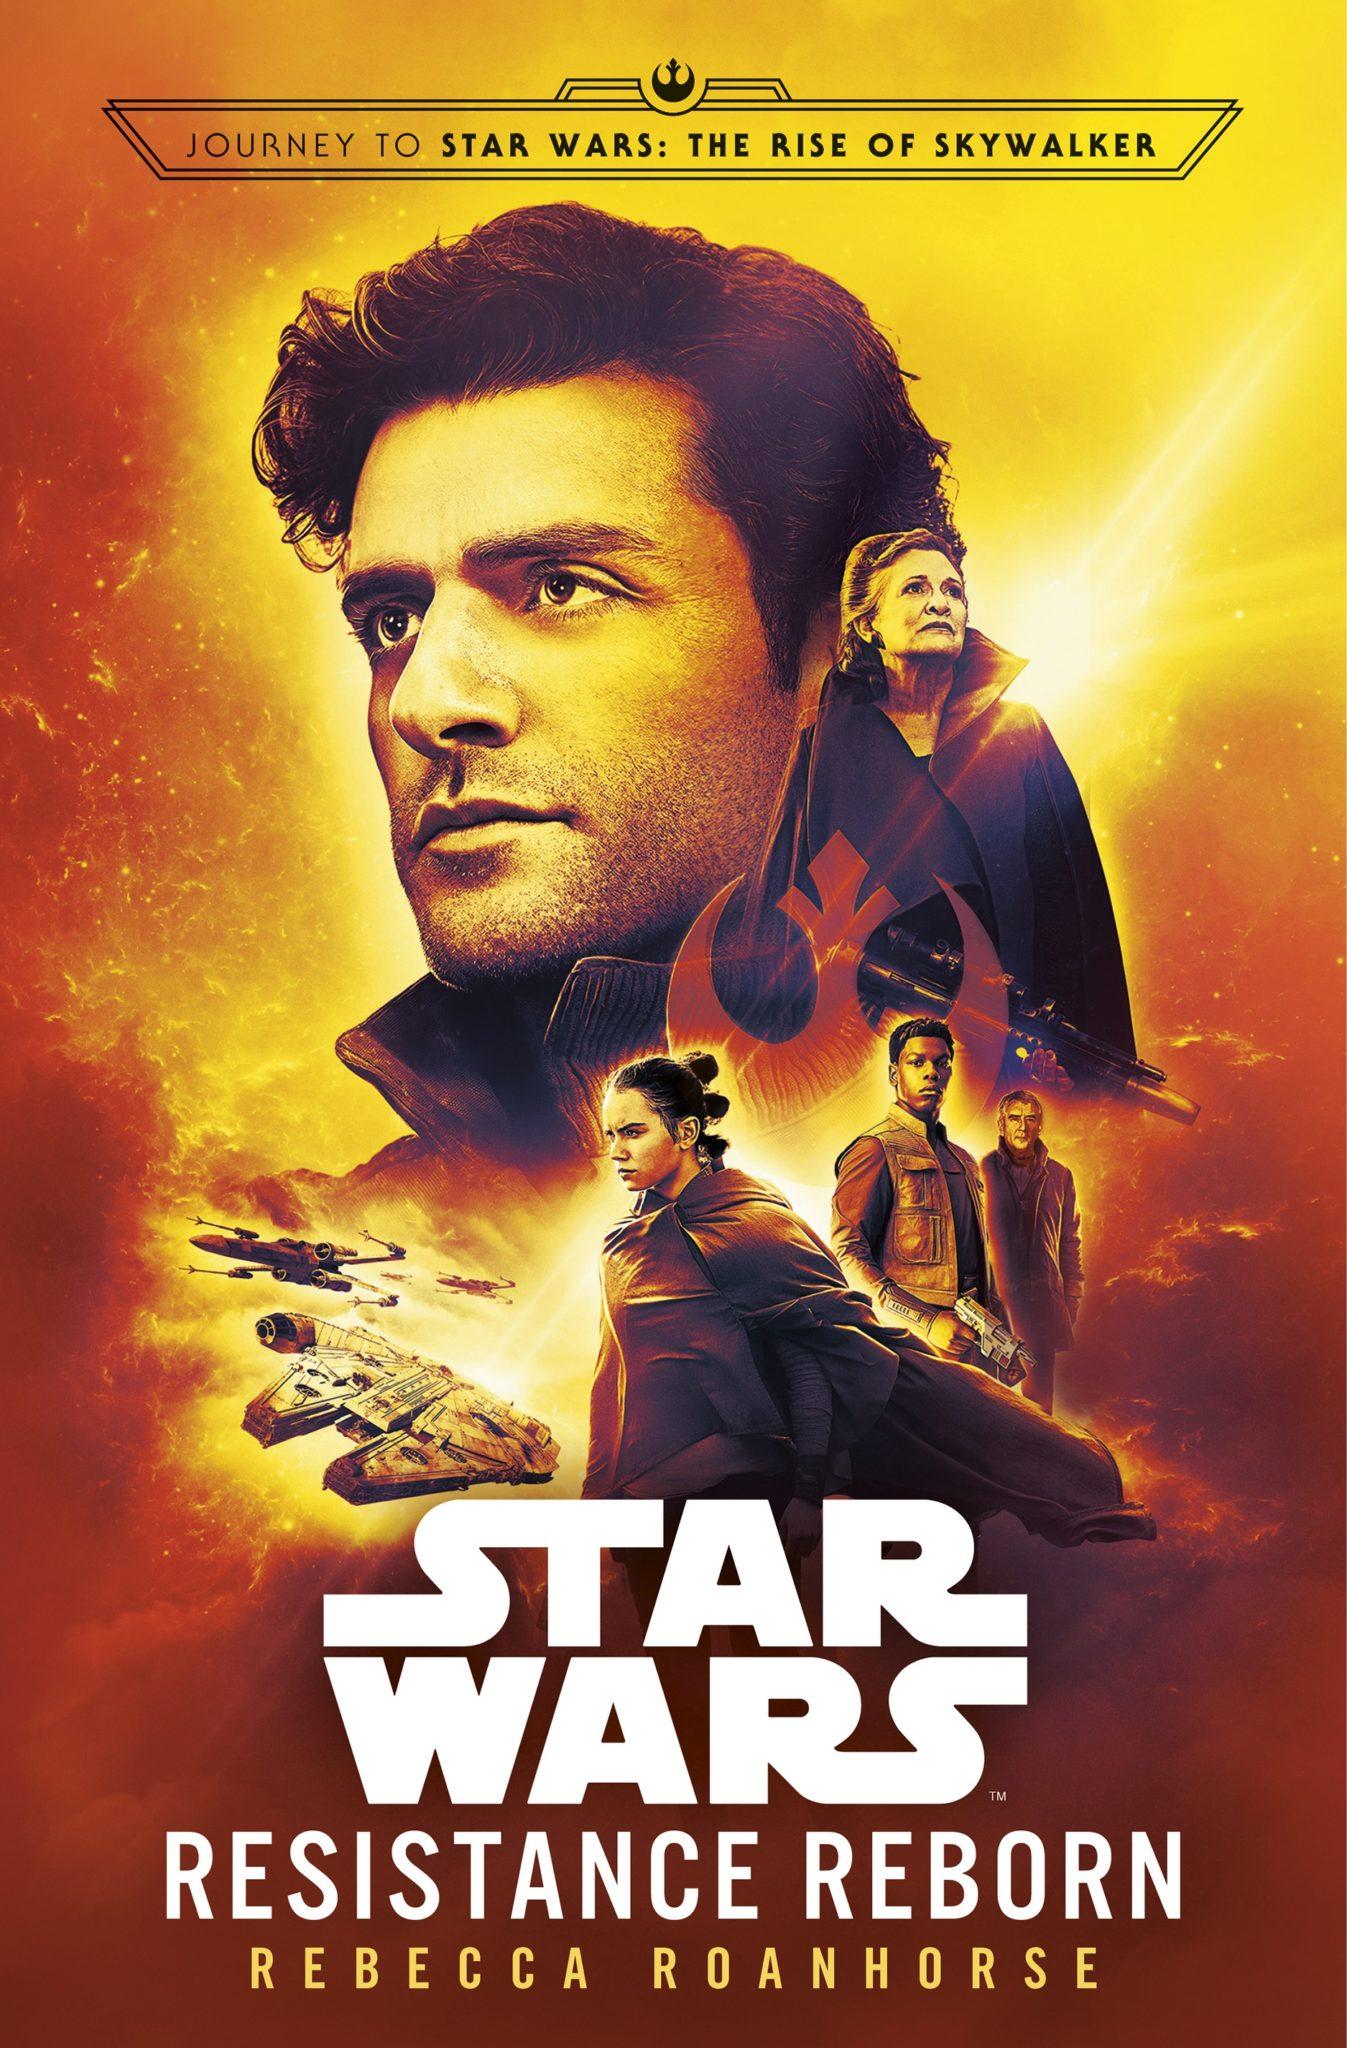 starwars-45-scaled